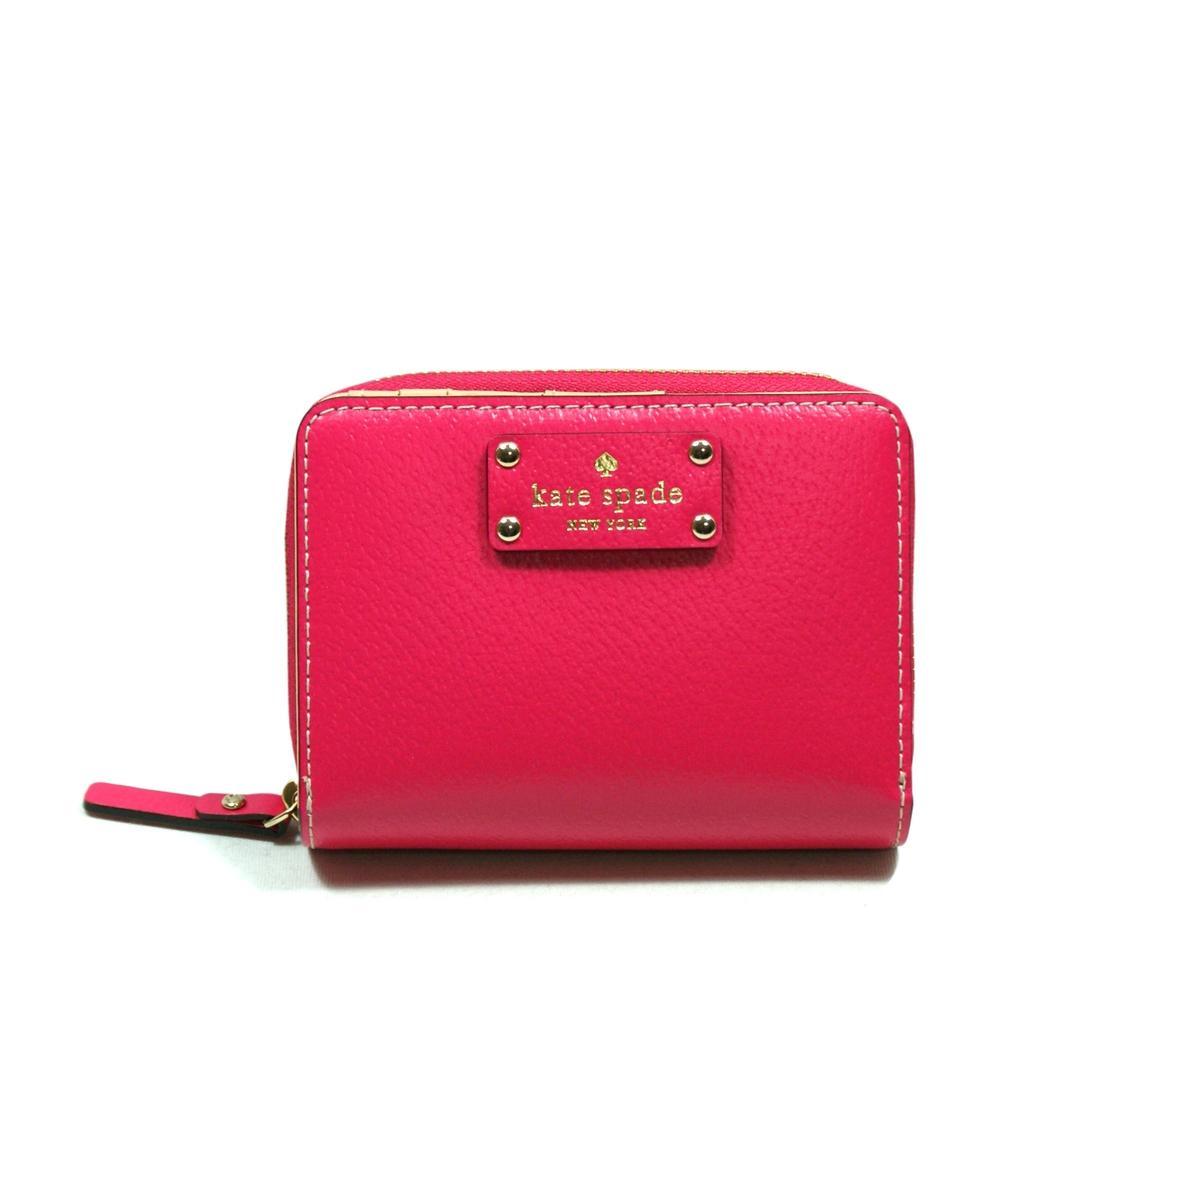 Kate Spade Cara Wellesley Small Wallet Deep Pink Wlru1745